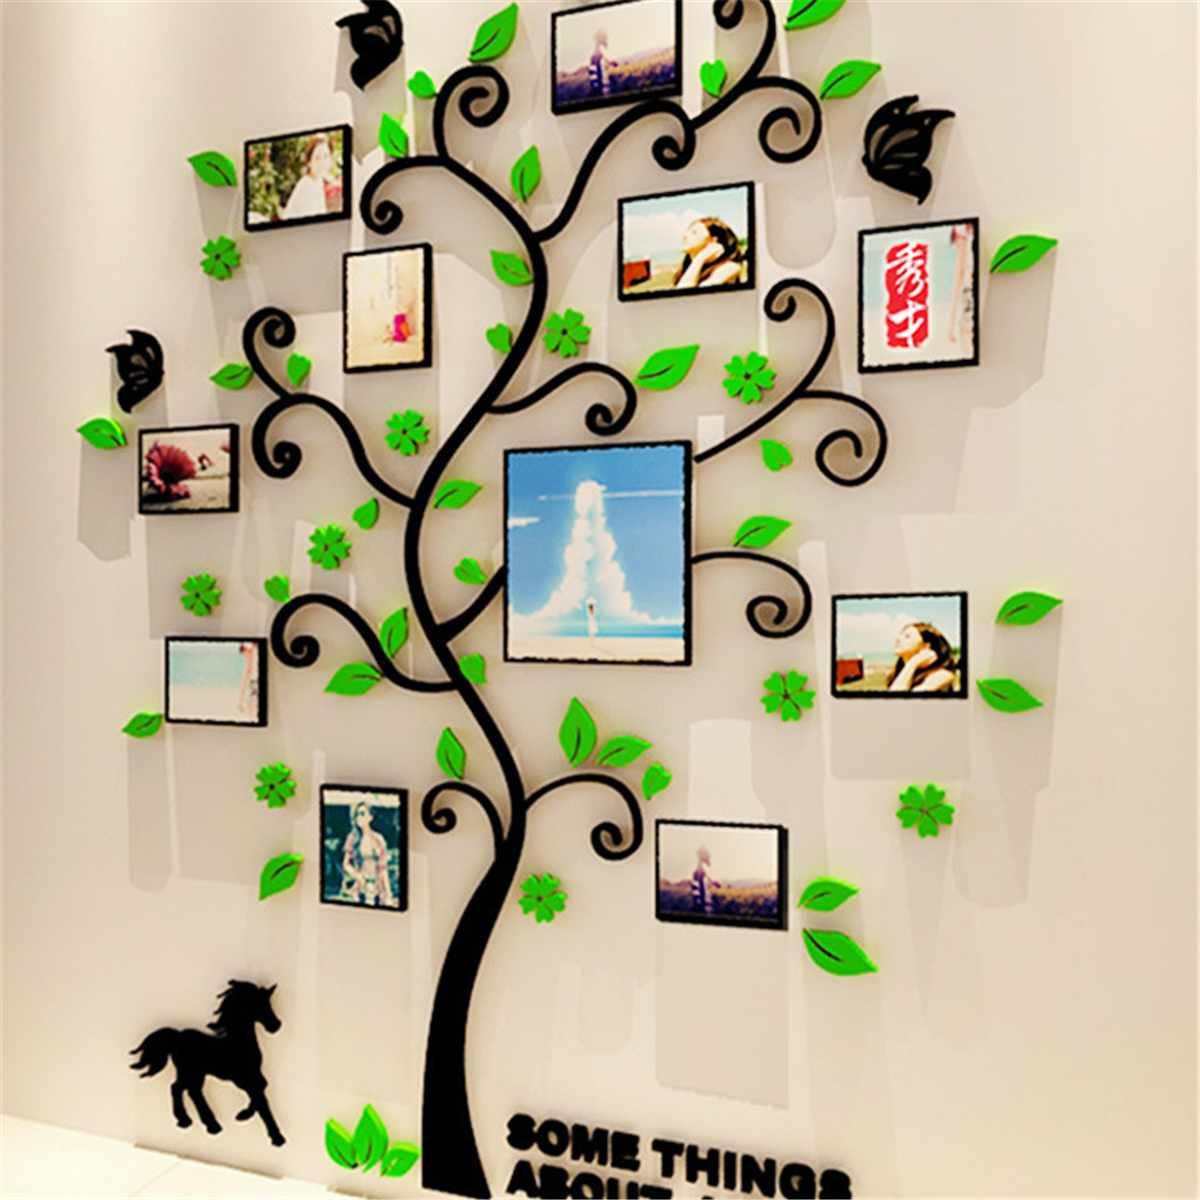 130*107 cm 3D Acryl Foto Rahmen Wand Aufkleber Familie Baum Aufkleber Wohnzimmer Schlafzimmer Kunst Wandbilder Hause Wand dekoration 3 Farben